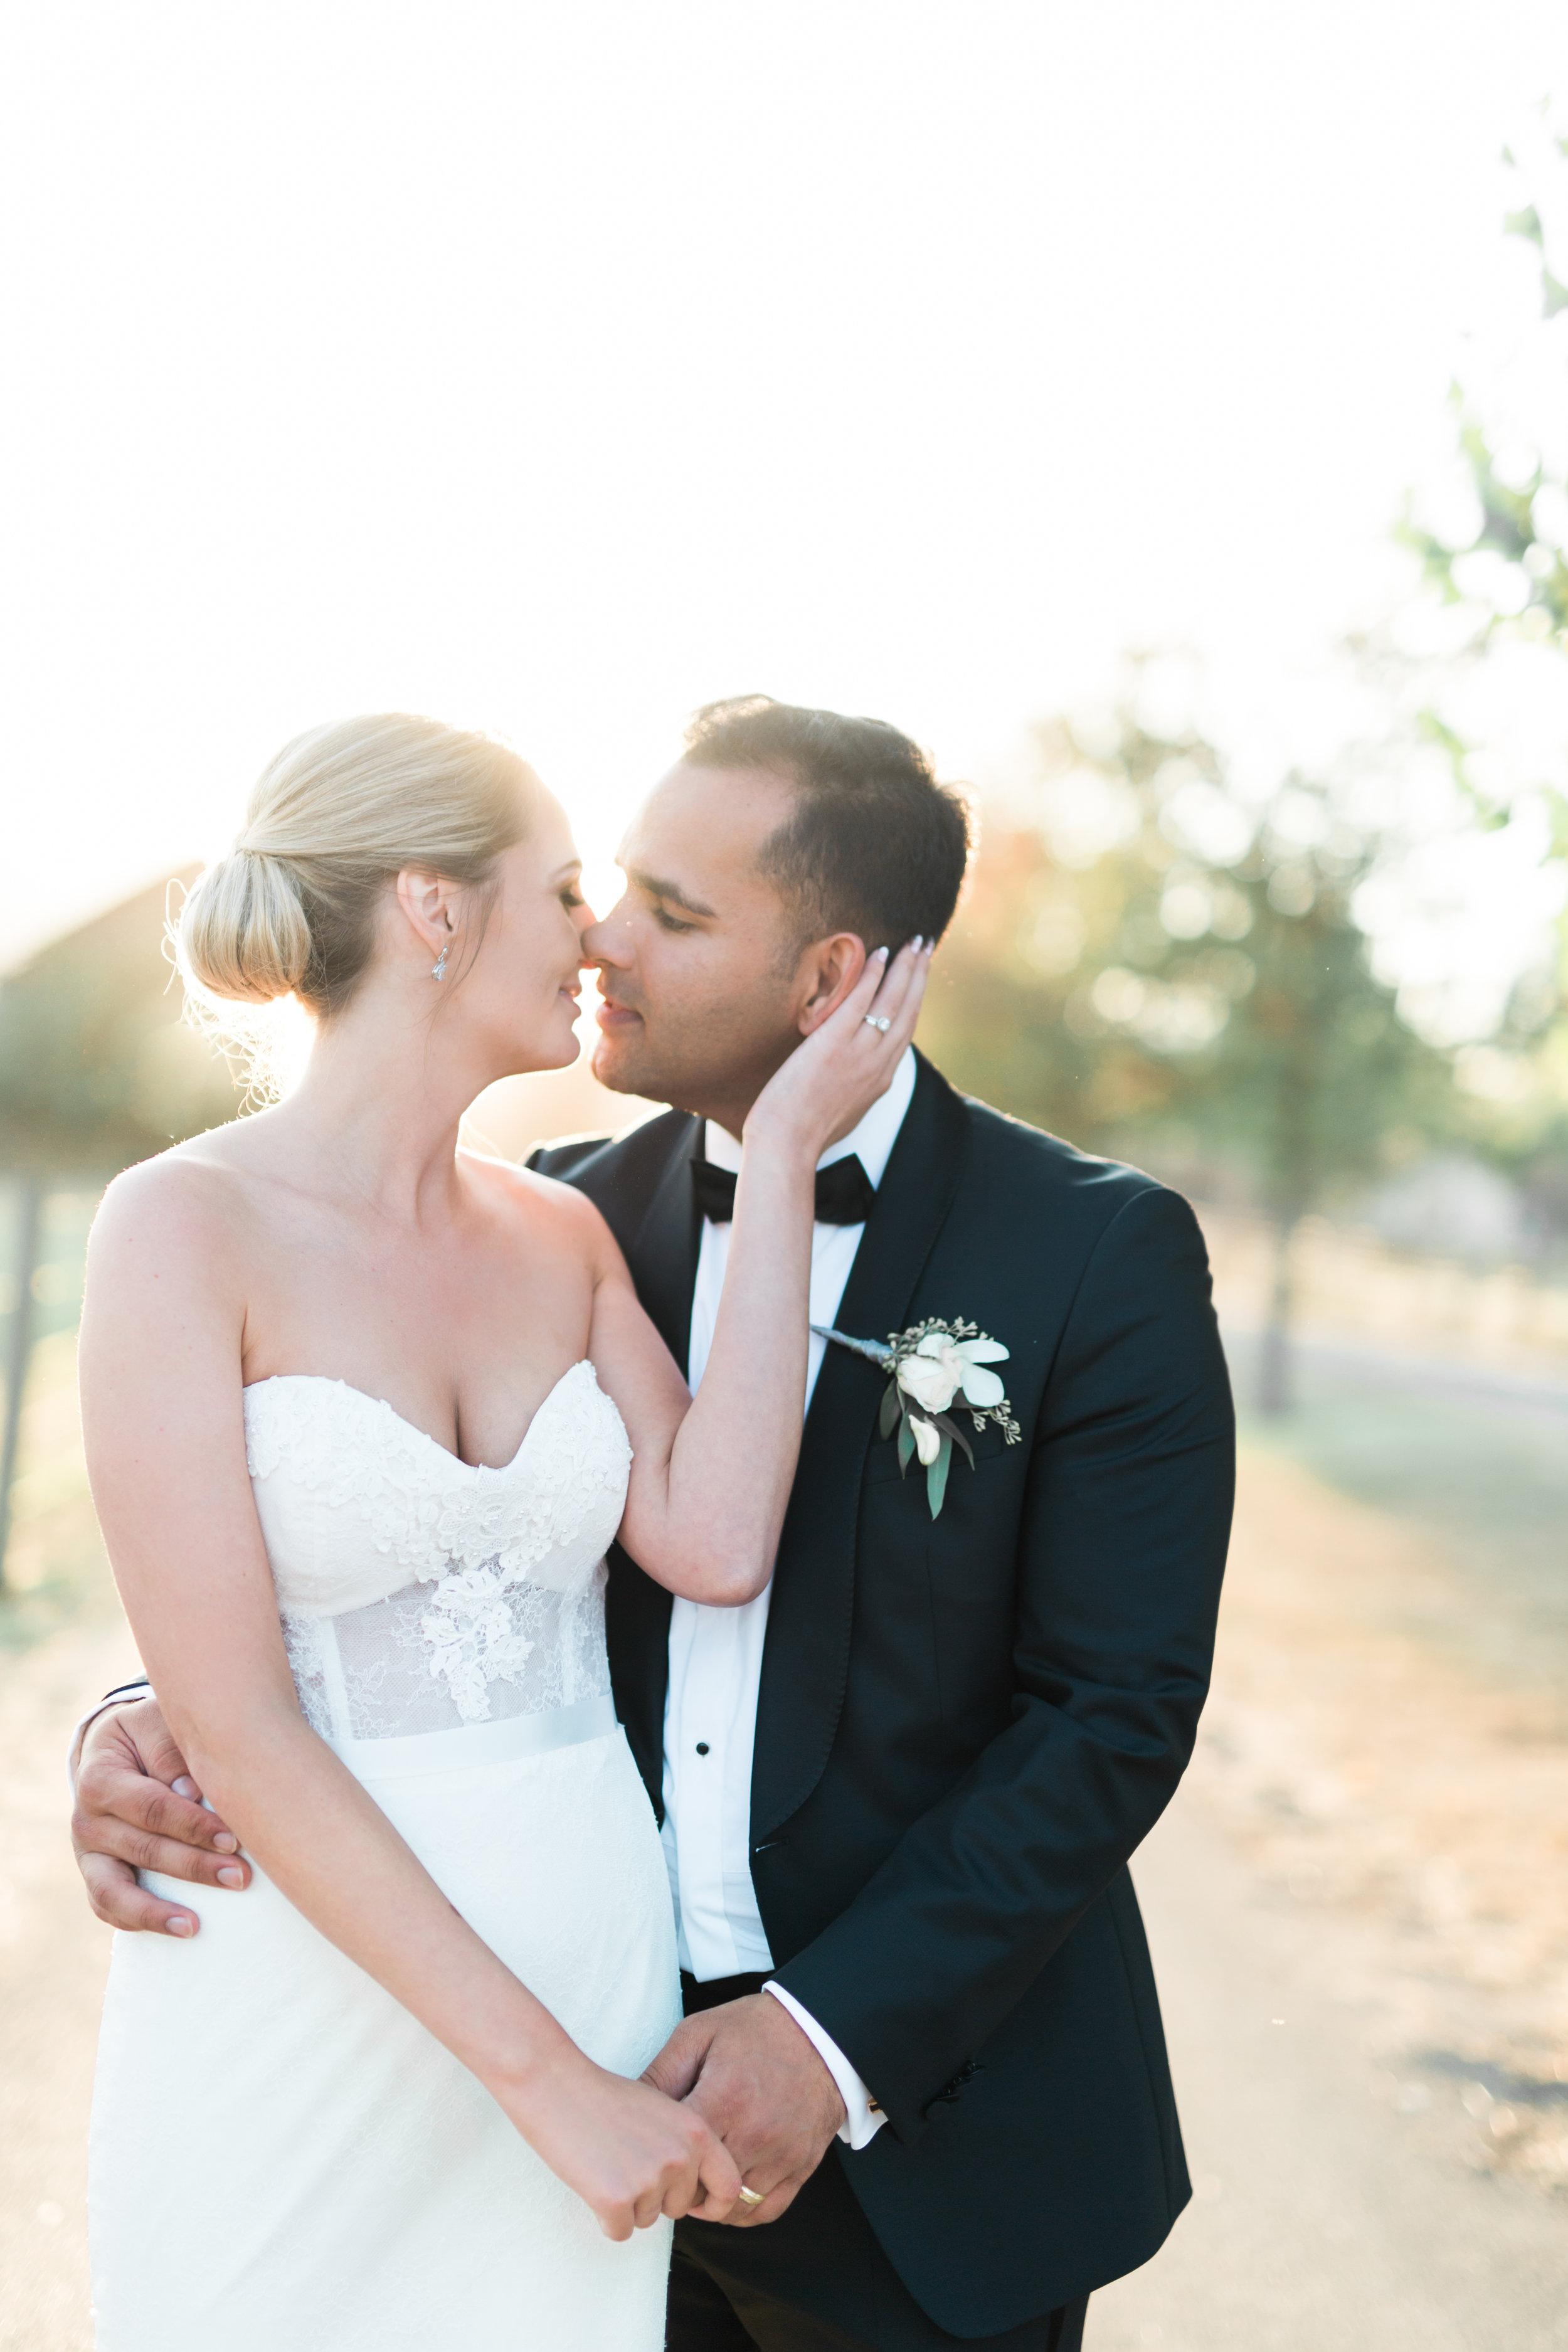 K&A | MODERN BARN WEDDING